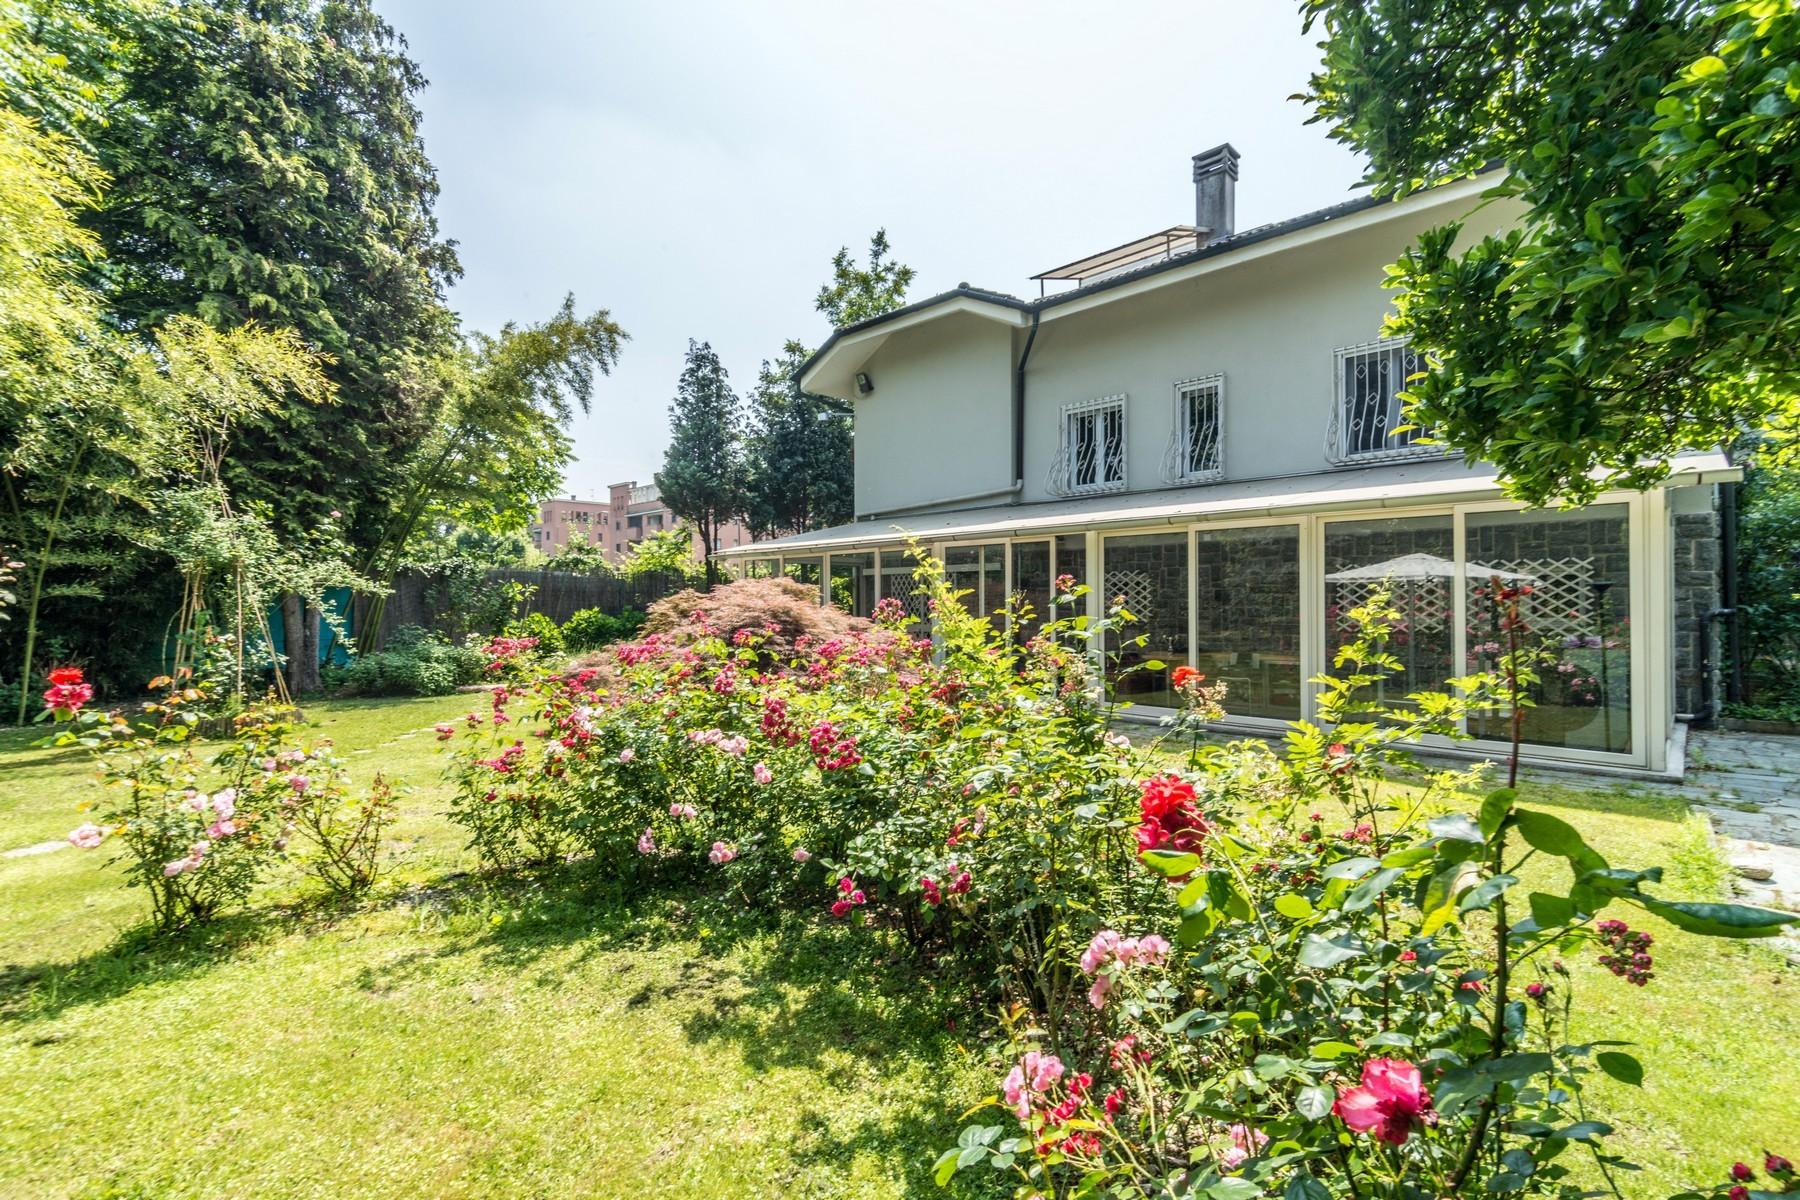 Villa in Vendita a Milano 27 Baggio / Novara / Forze Armate: 5 locali, 390 mq